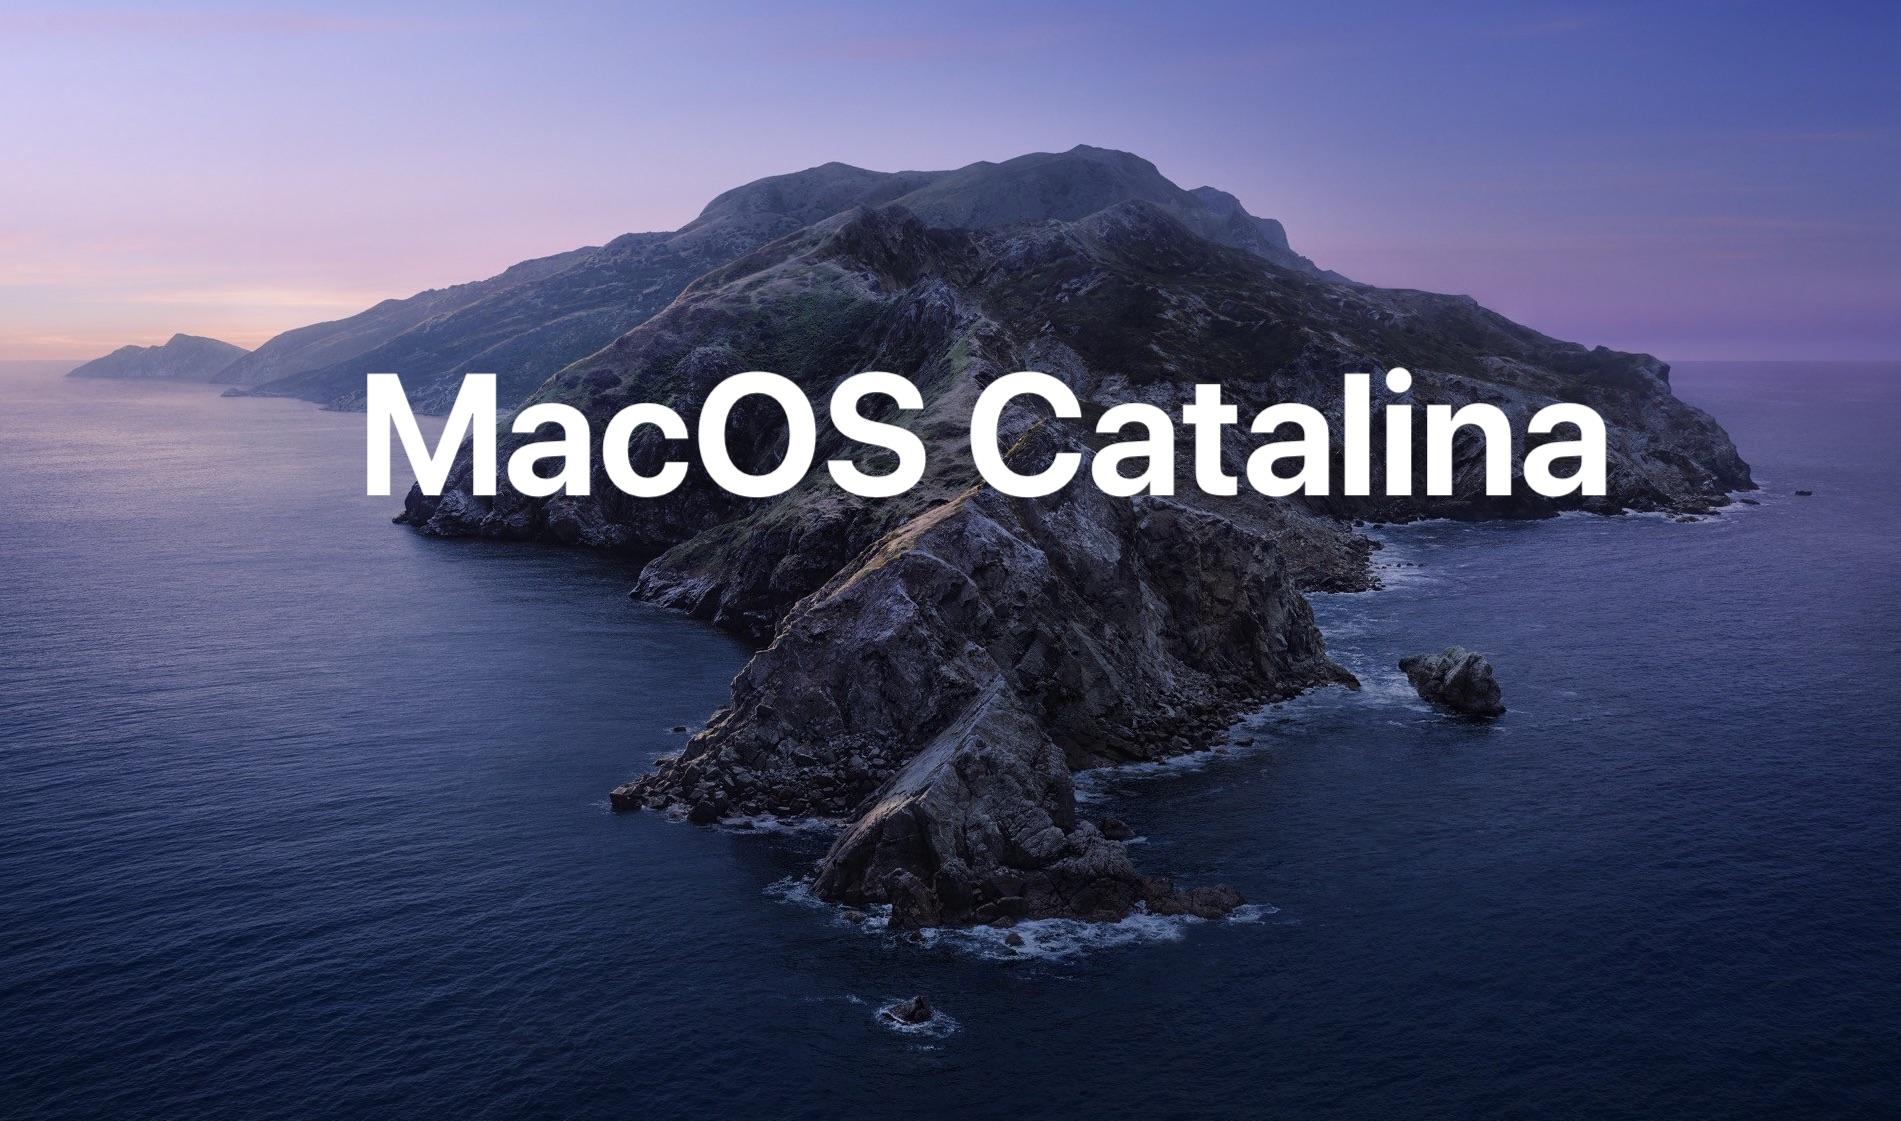 Actualización complementaria de MacOS Catalina 1 Lanzado con correcciones de errores